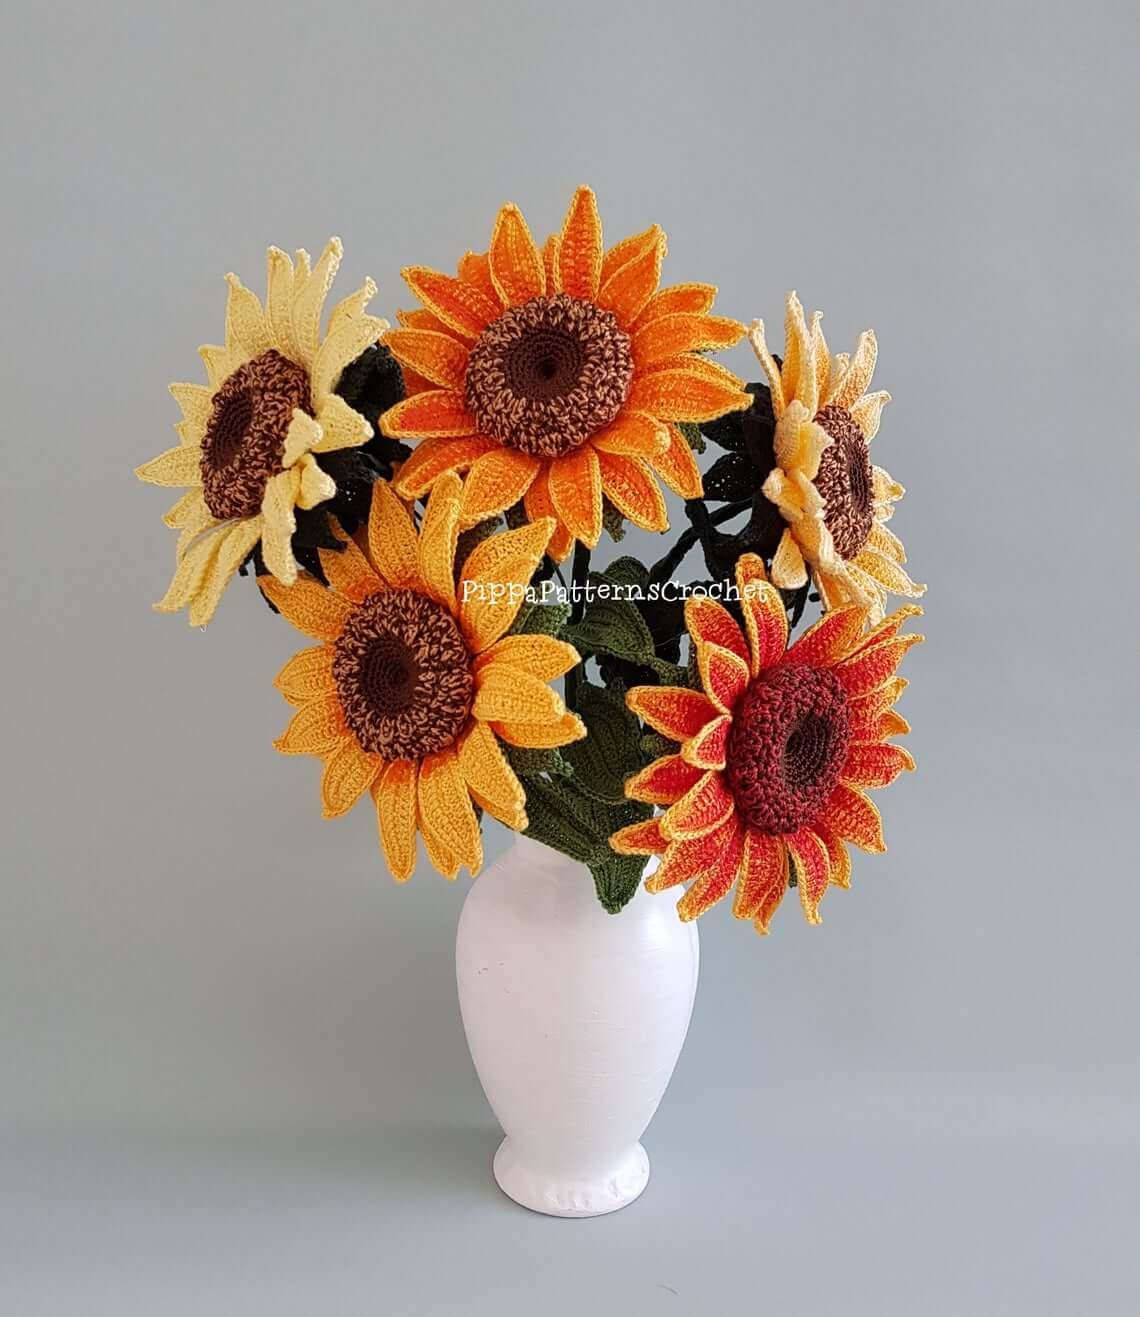 Multi-Colored Crochet Sunflower Bouquet Arrangement